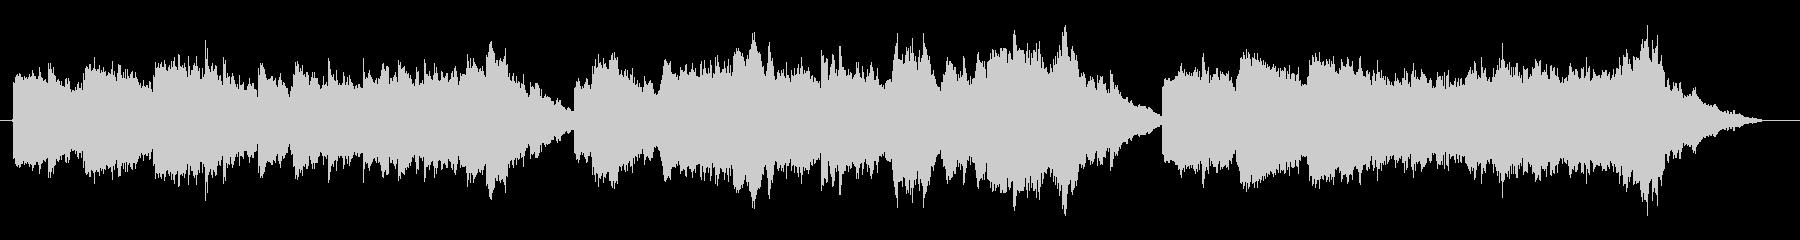 しっとり切ないストリングスBGMの未再生の波形